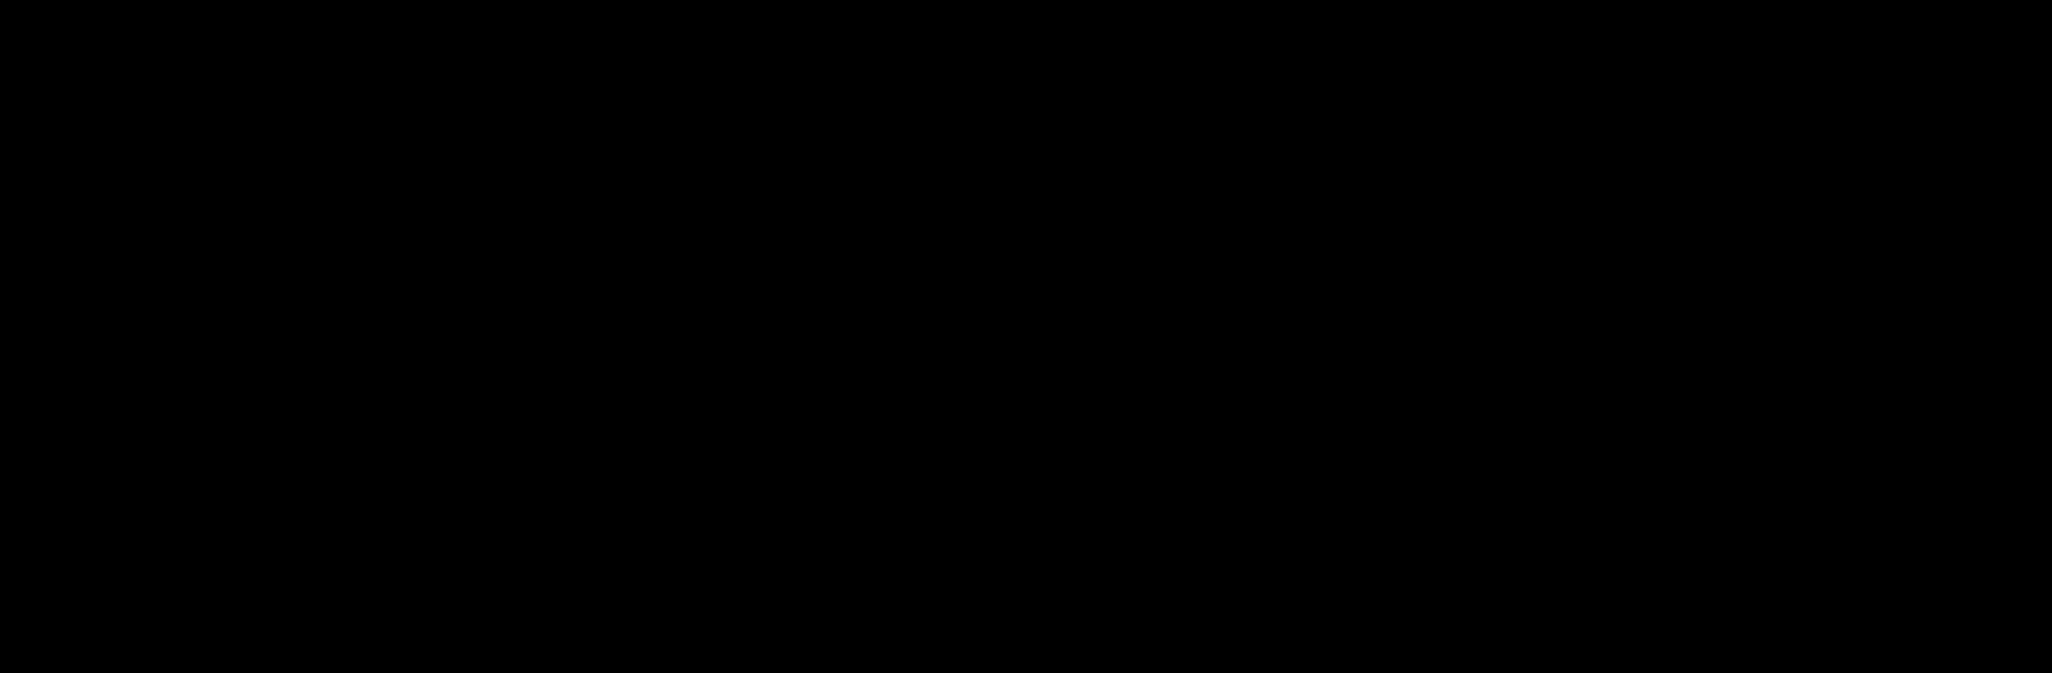 Esmolol (iso-propyl-d<sub>7</sub>) hydrochloride